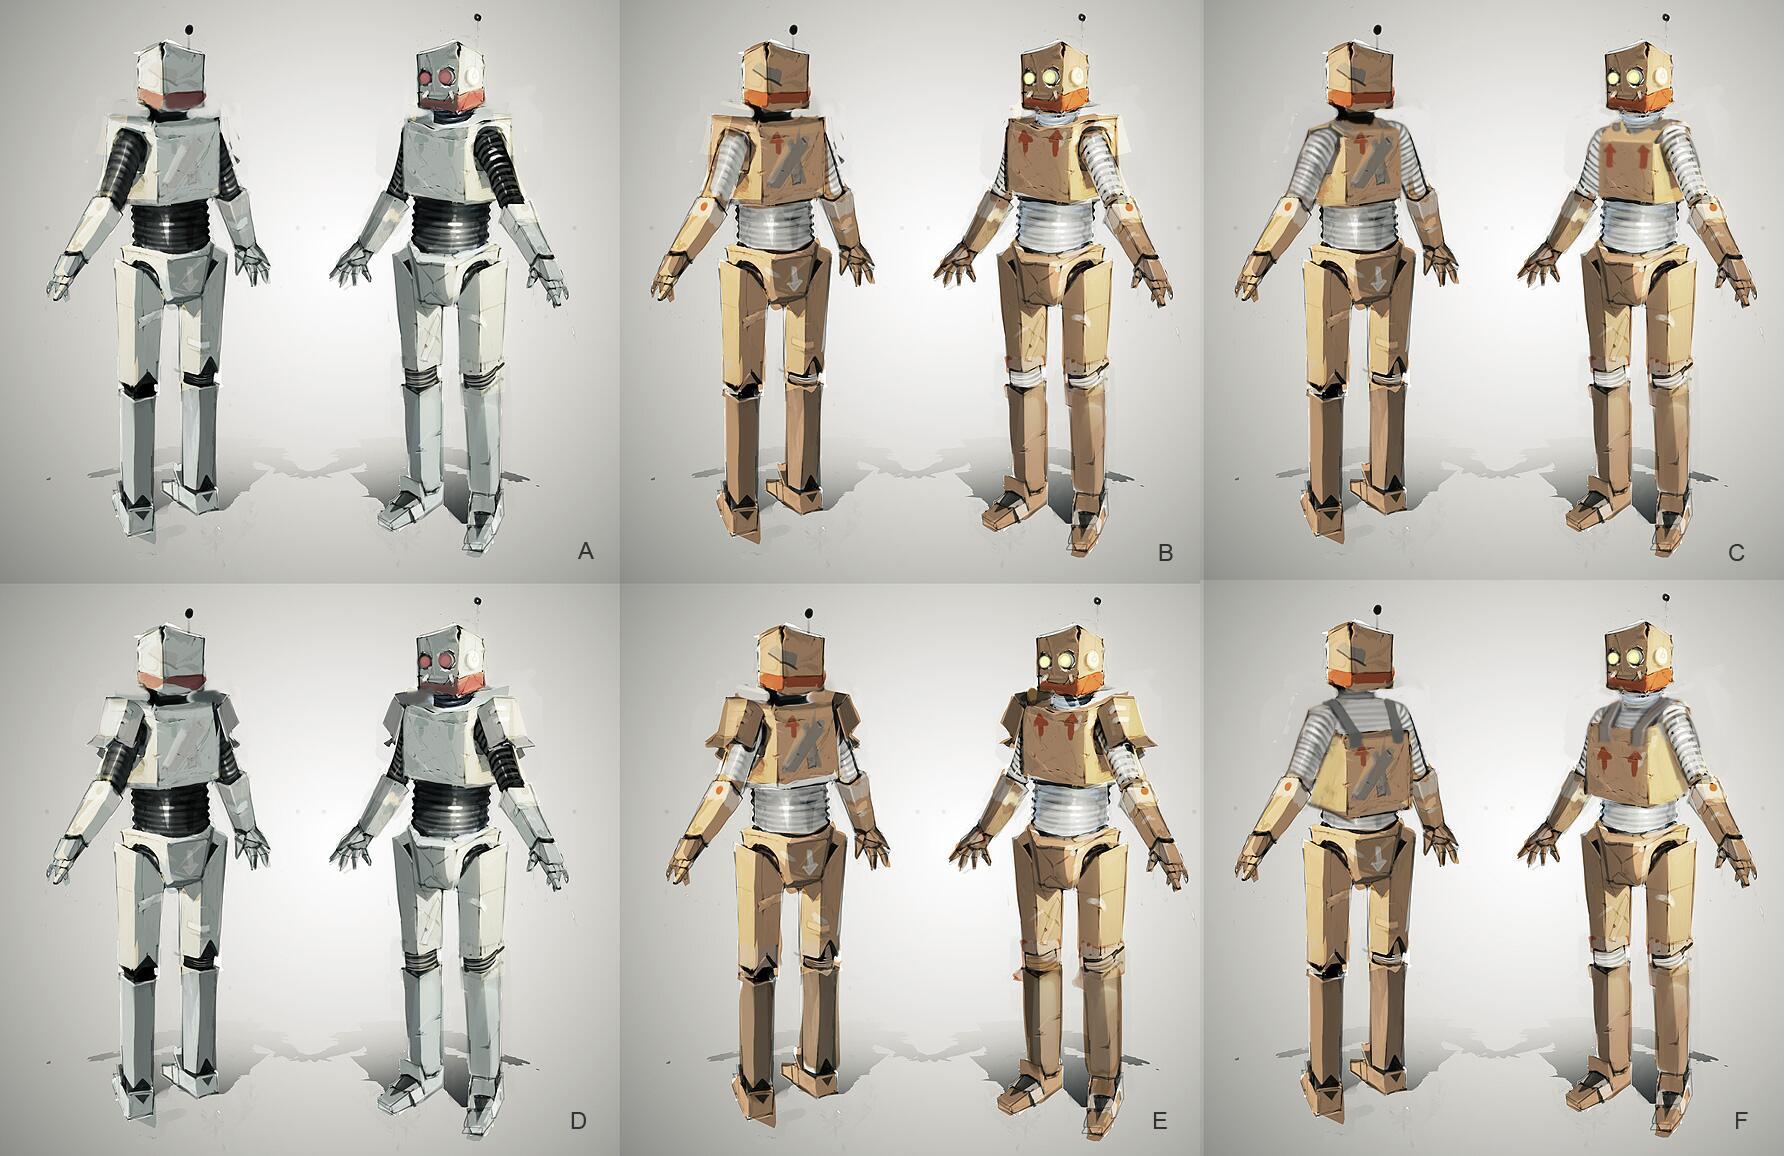 [Imagen]Arte conceptual Hacia el futuro BiiyUr1CUAEJB6m